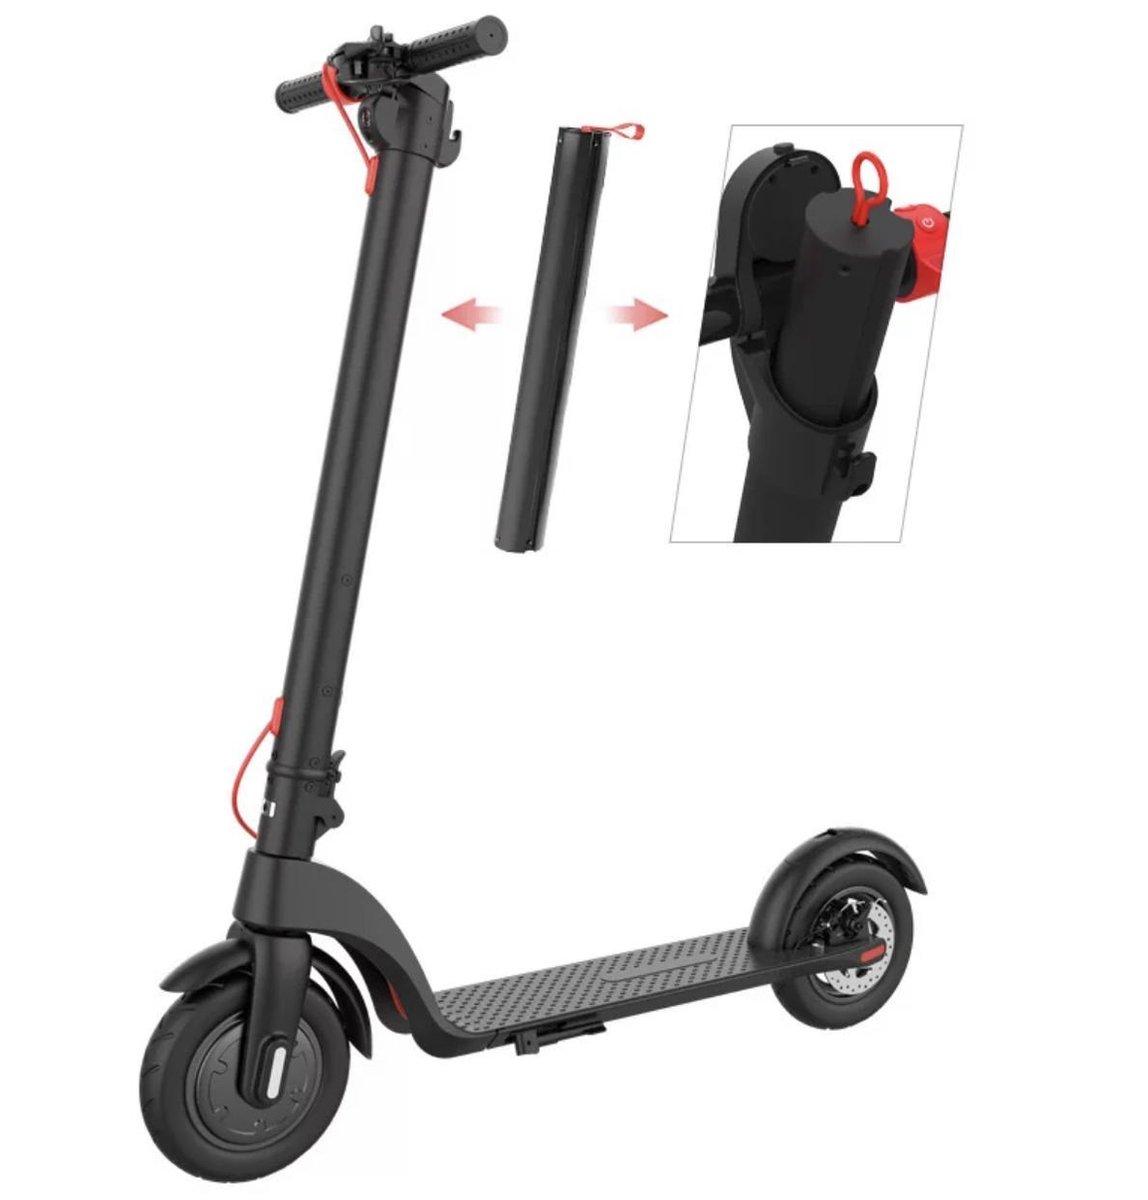 X7 - Elektrische step/E- Scooter met uitneembare accu - Zwart